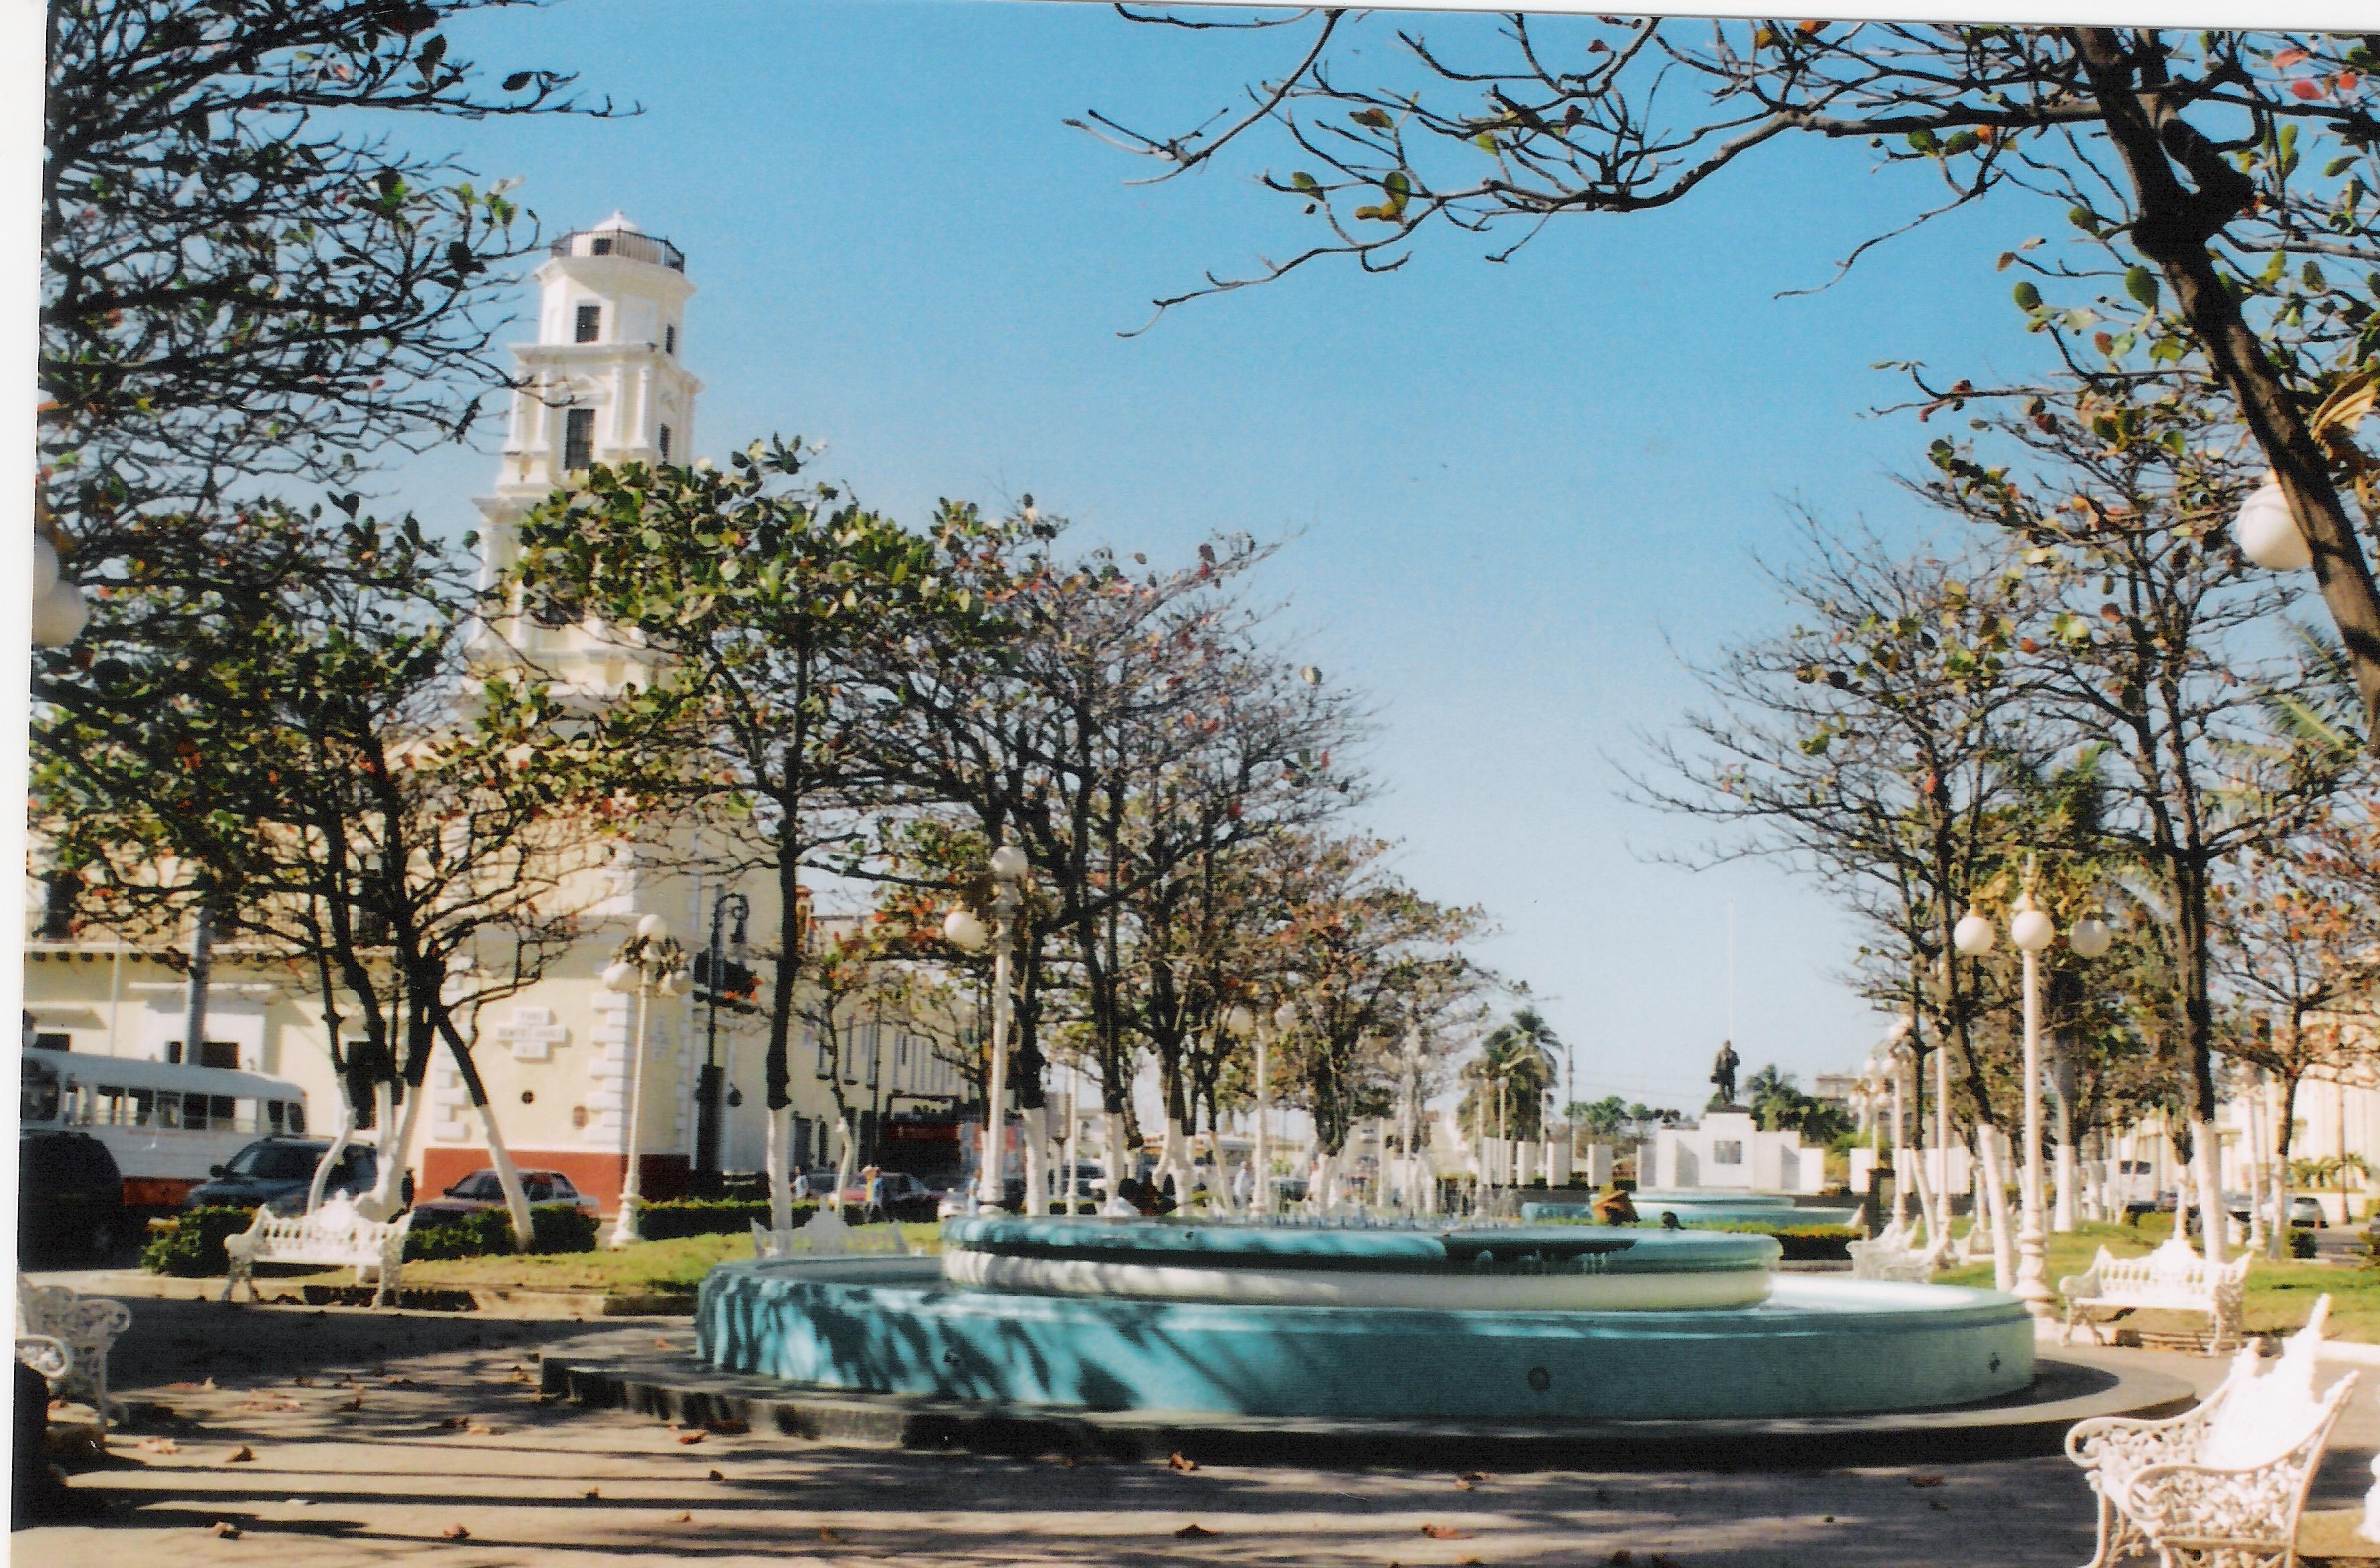 Plaza De La Concordia file:veracruz plaza de la concordia - wikimedia commons